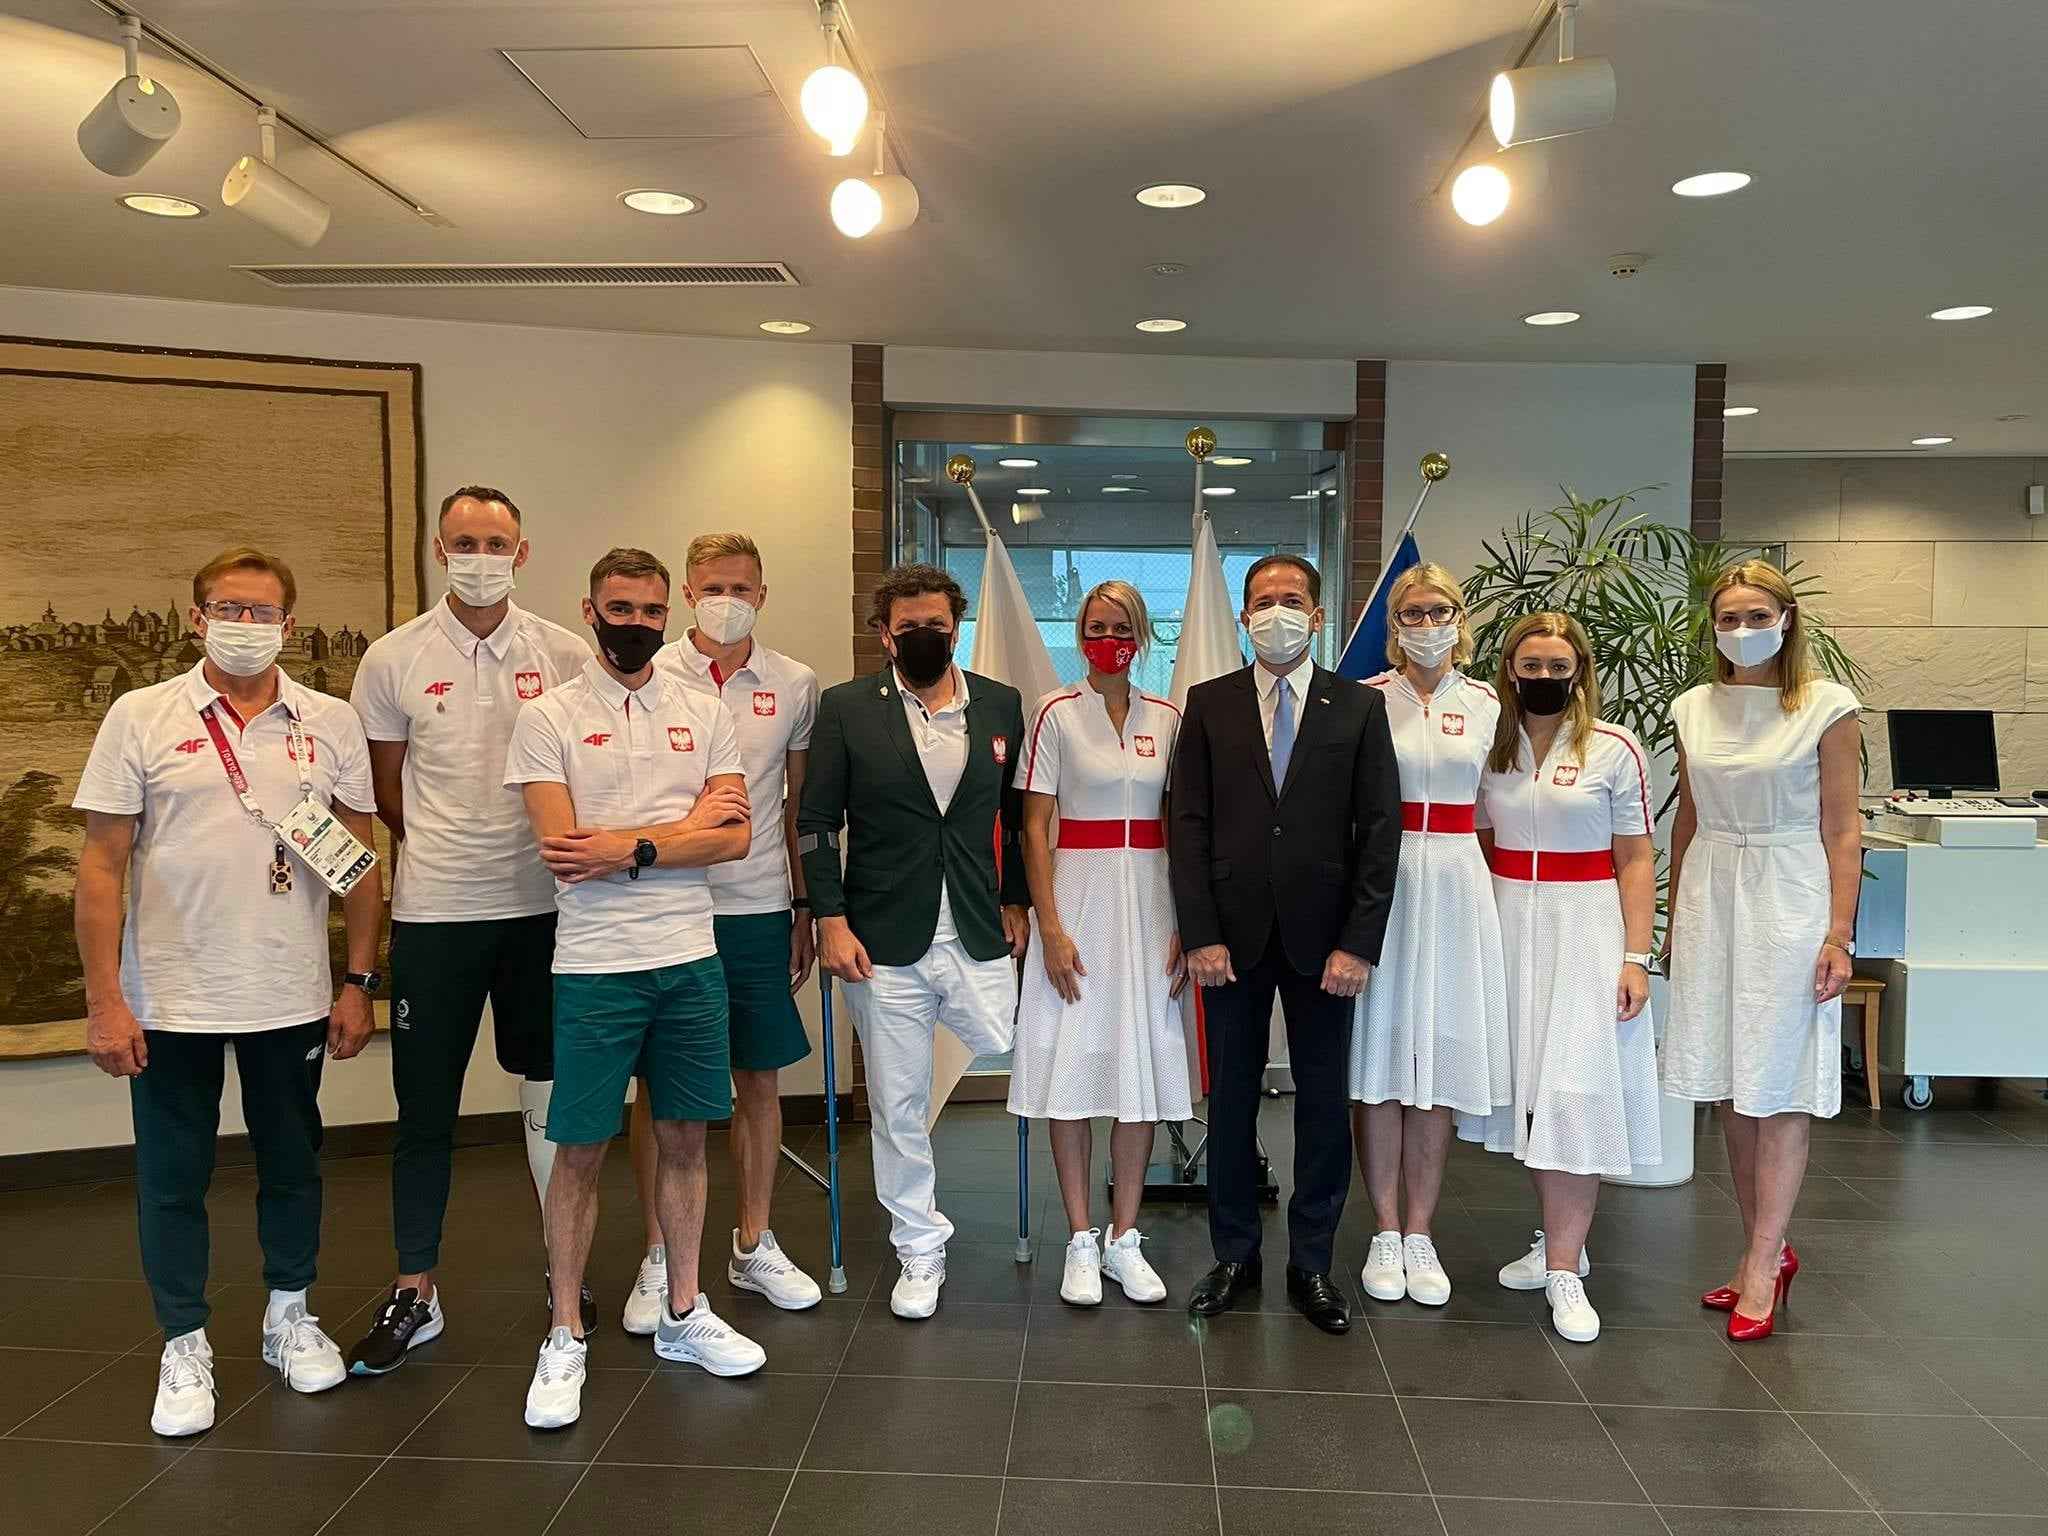 Dziś do Ambasady Polski w Tokio Paweł Milewski zaprosił przedstawicieli misji paraolimpijskiej! 1 - Start Poznań